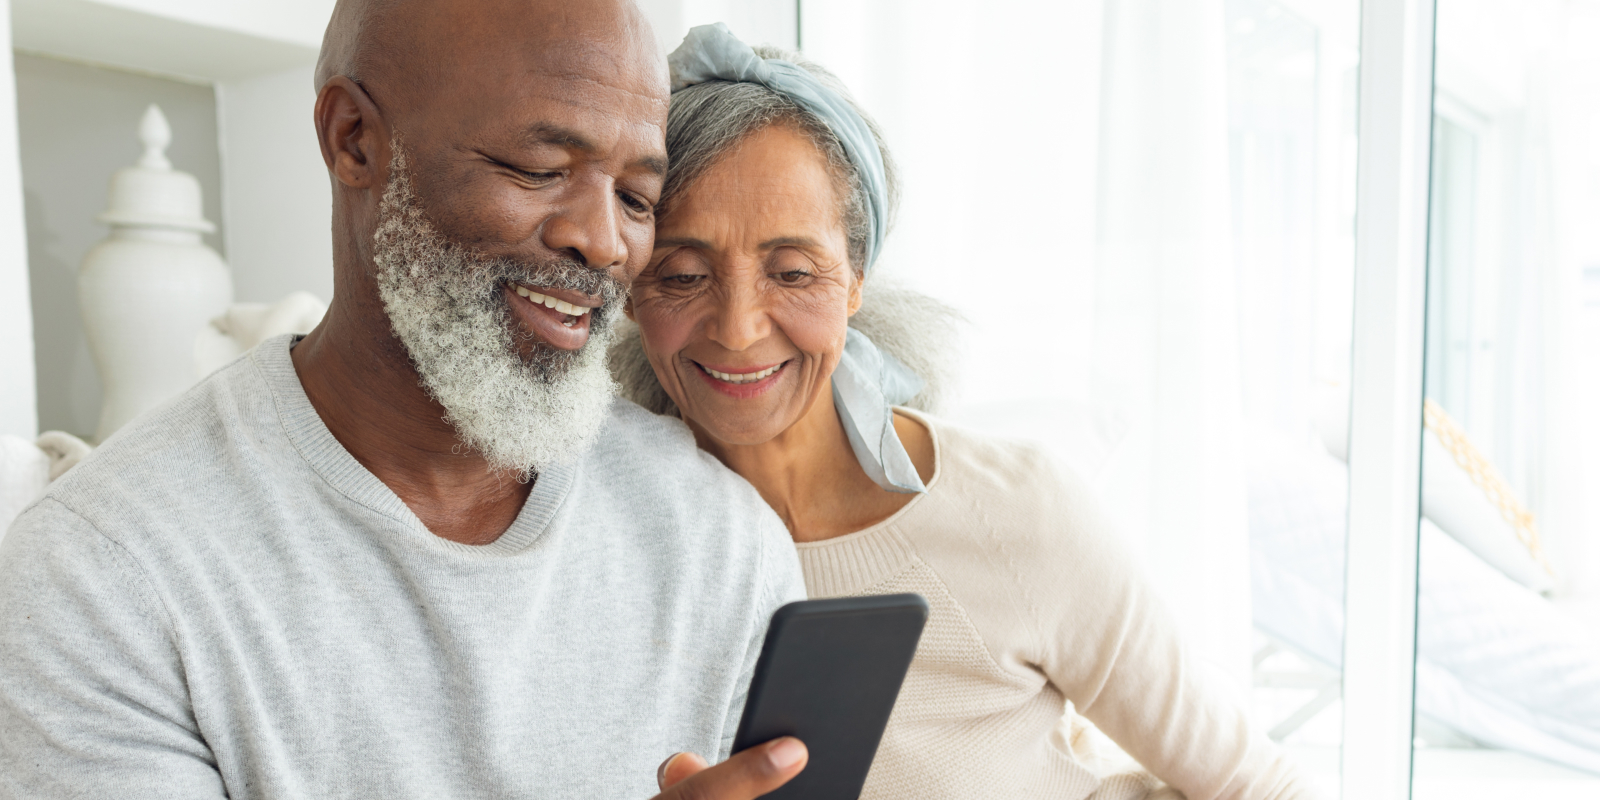 Sindicato dos aposentados: seus benefícios e sua importância